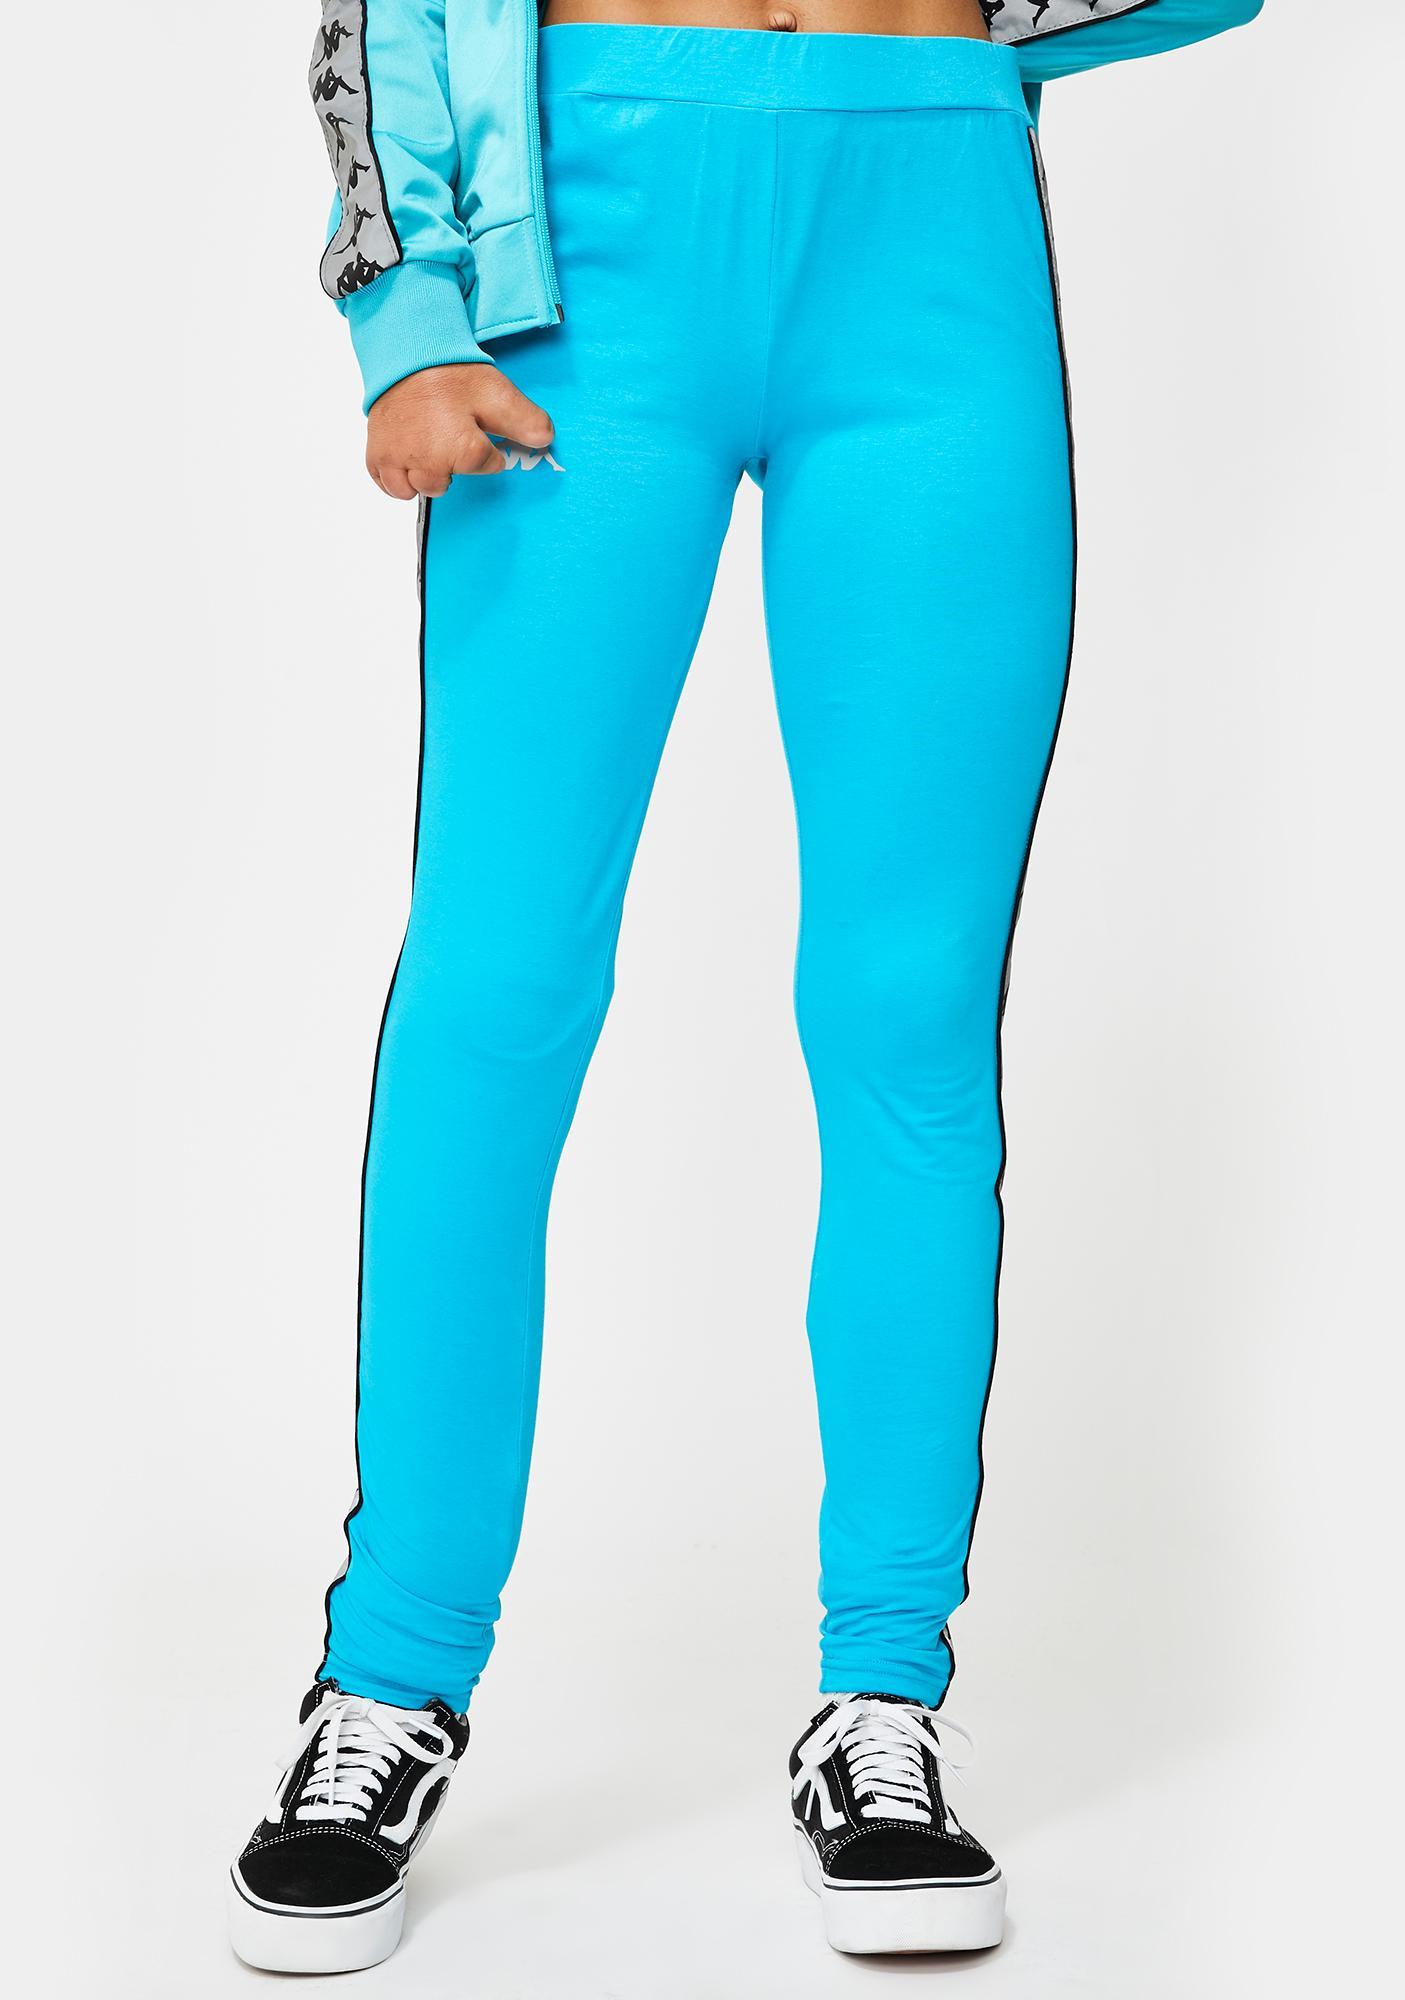 Kappa Blue 222 Banda Dessy Reflective Leggings